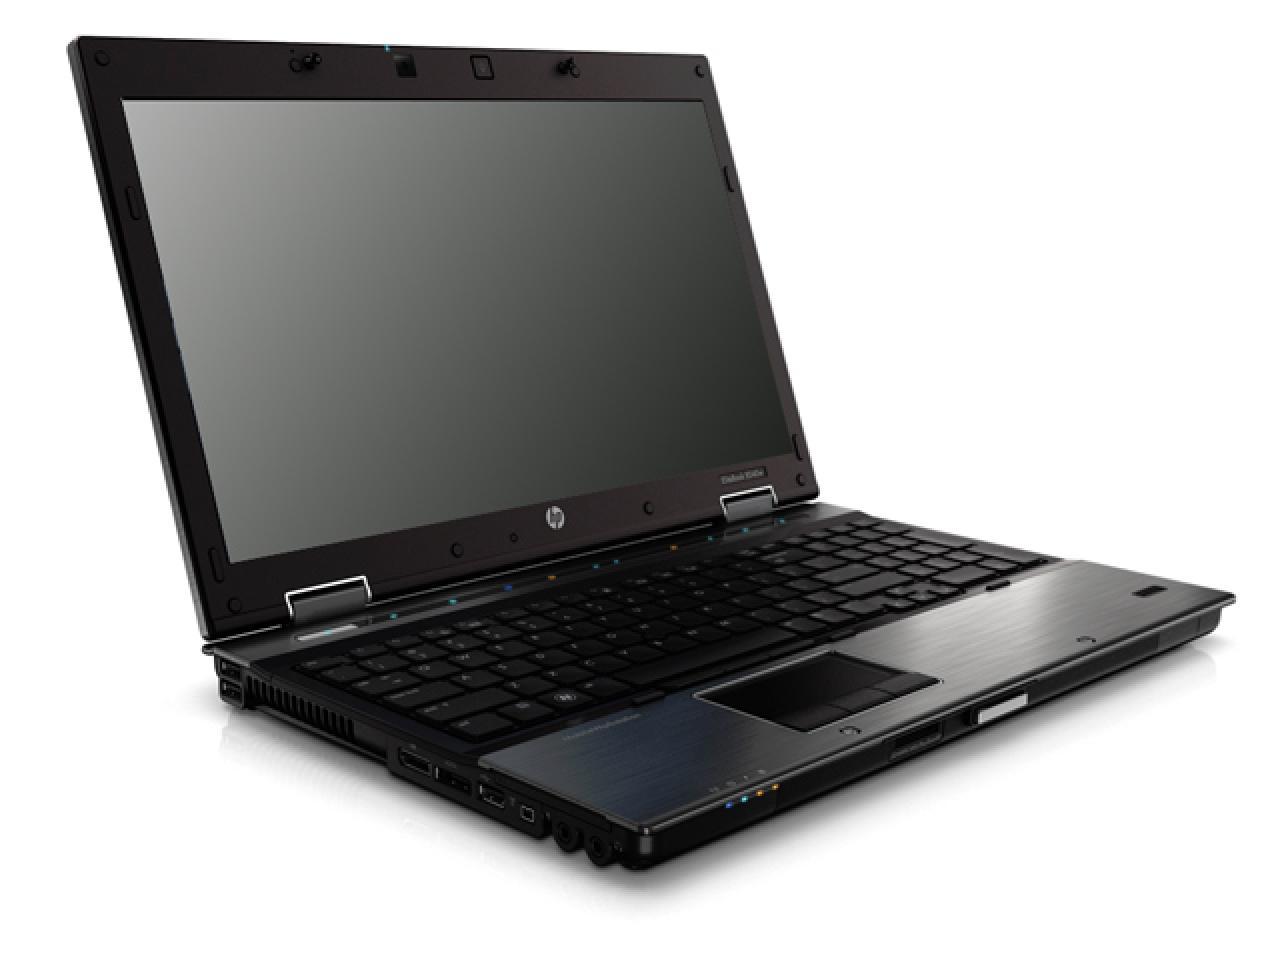 Hewlett Packard EliteBook 8540w  - shop.bb-net.de